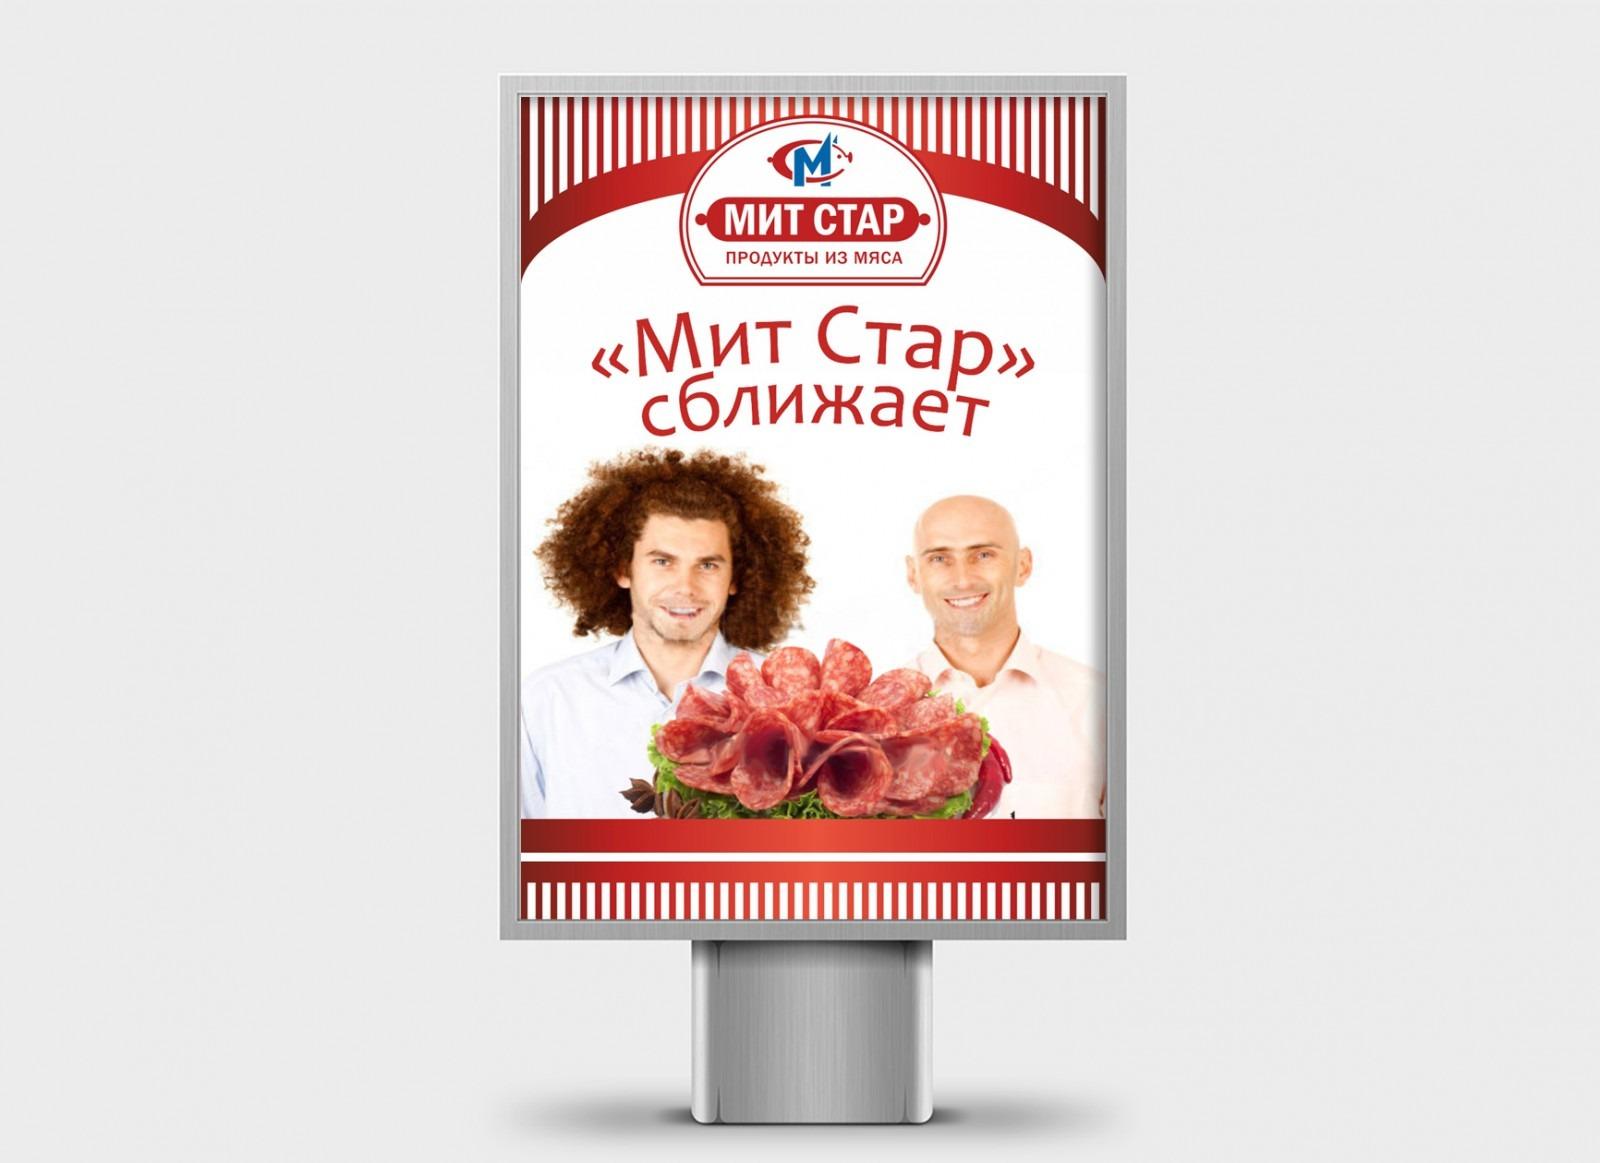 рекламный плакат Мит Стар